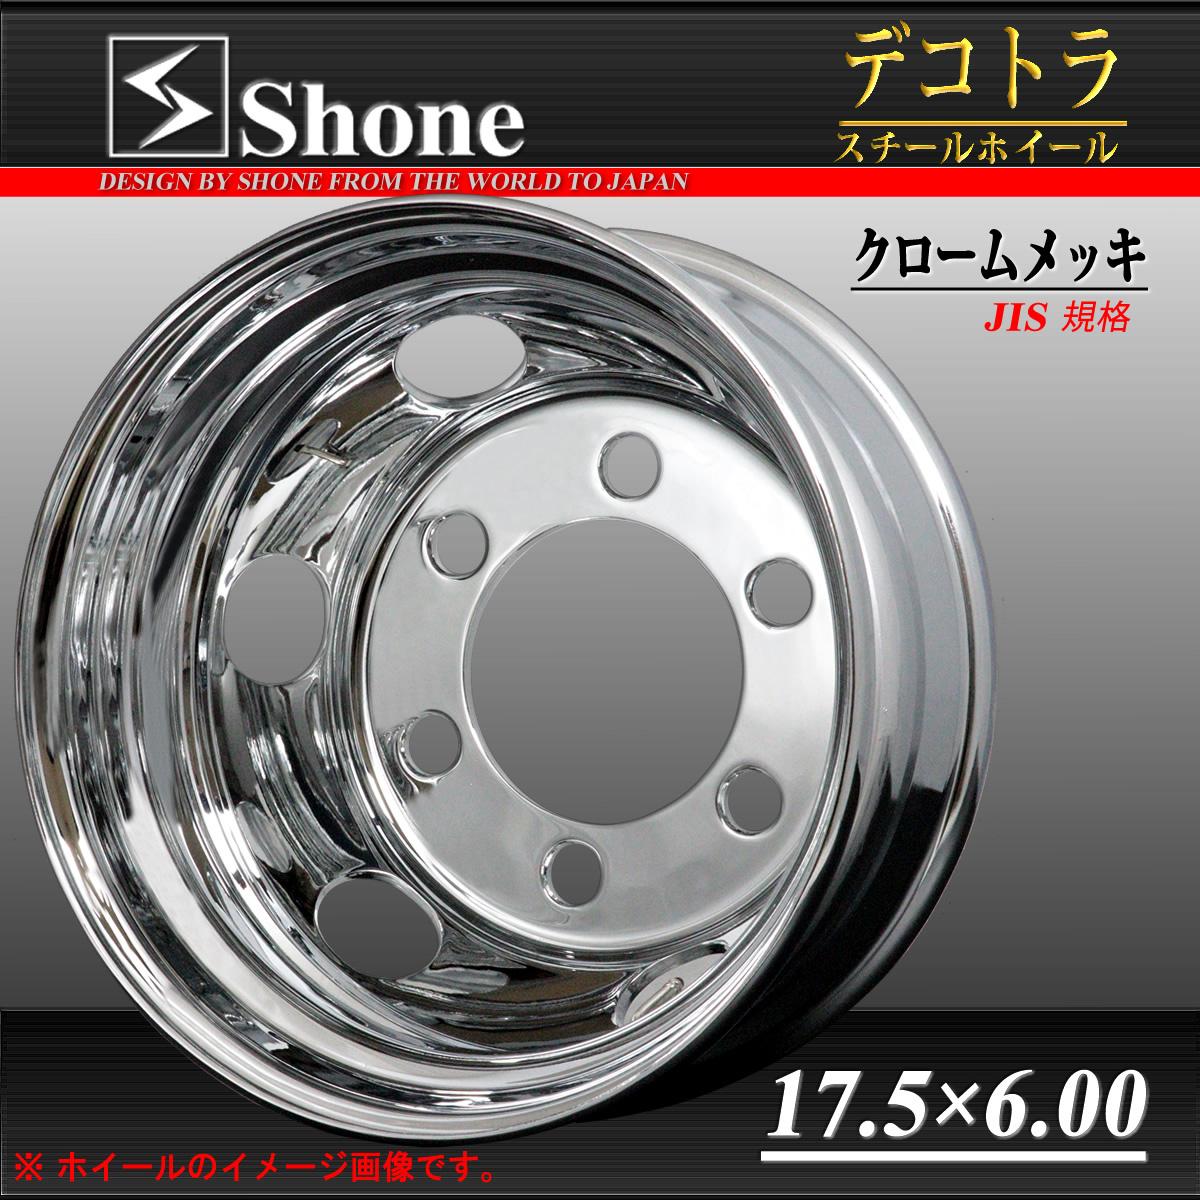 4tトラック用 17.5×6.00 スチールホイール クロームメッキ リア用 6穴 オフセット+135 1本価格 JIS規格 SHONE製 NEWモデル